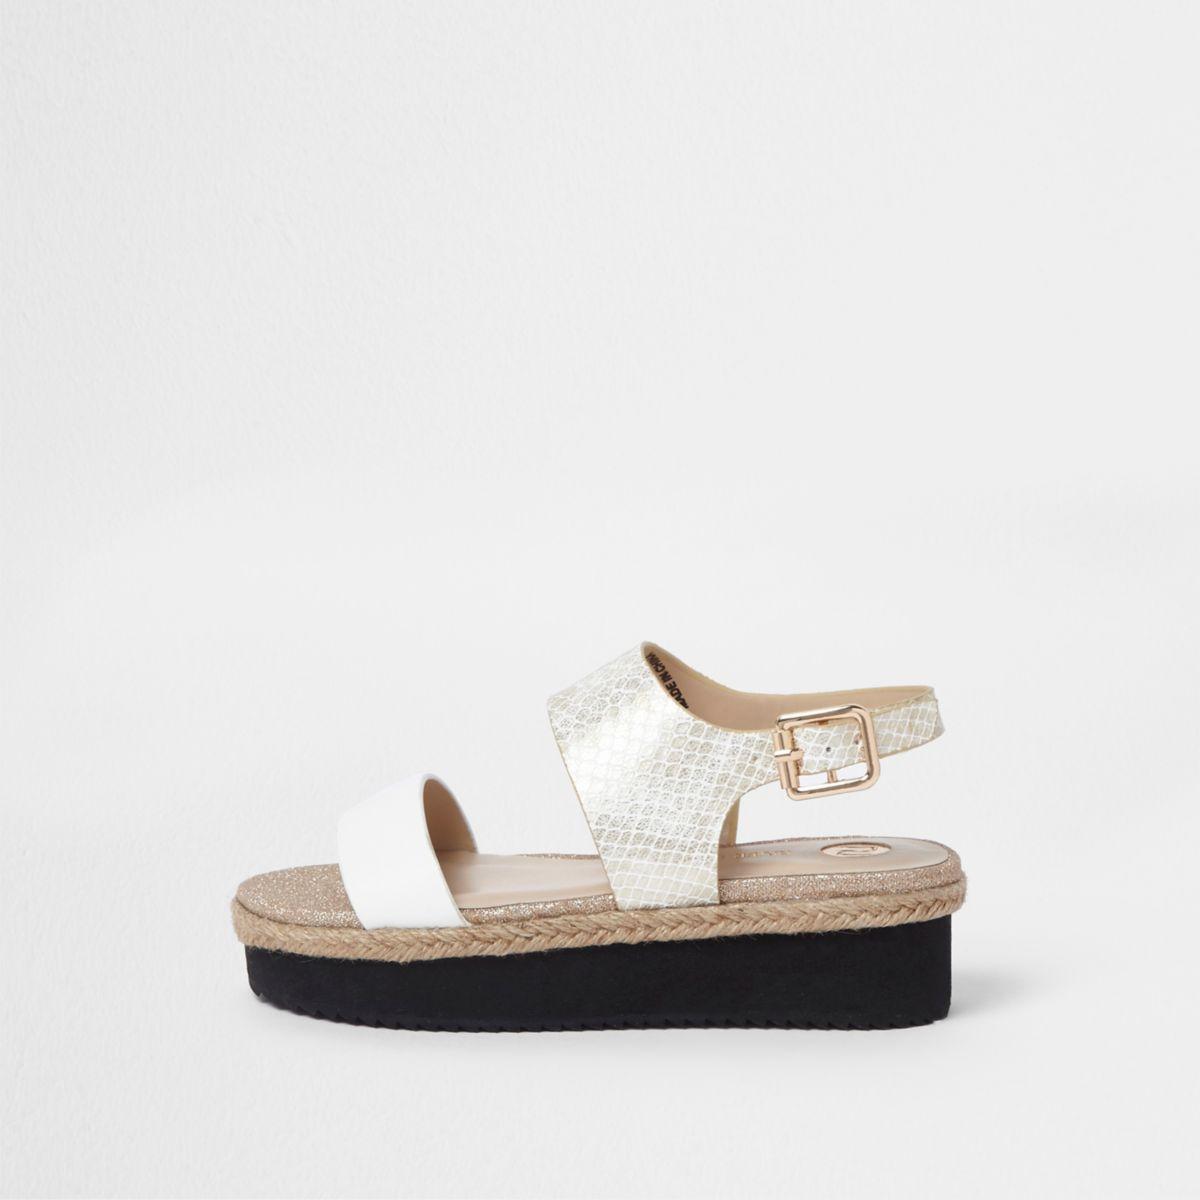 Sandales effet peau de serpent blanches à semelle plateforme pour fille